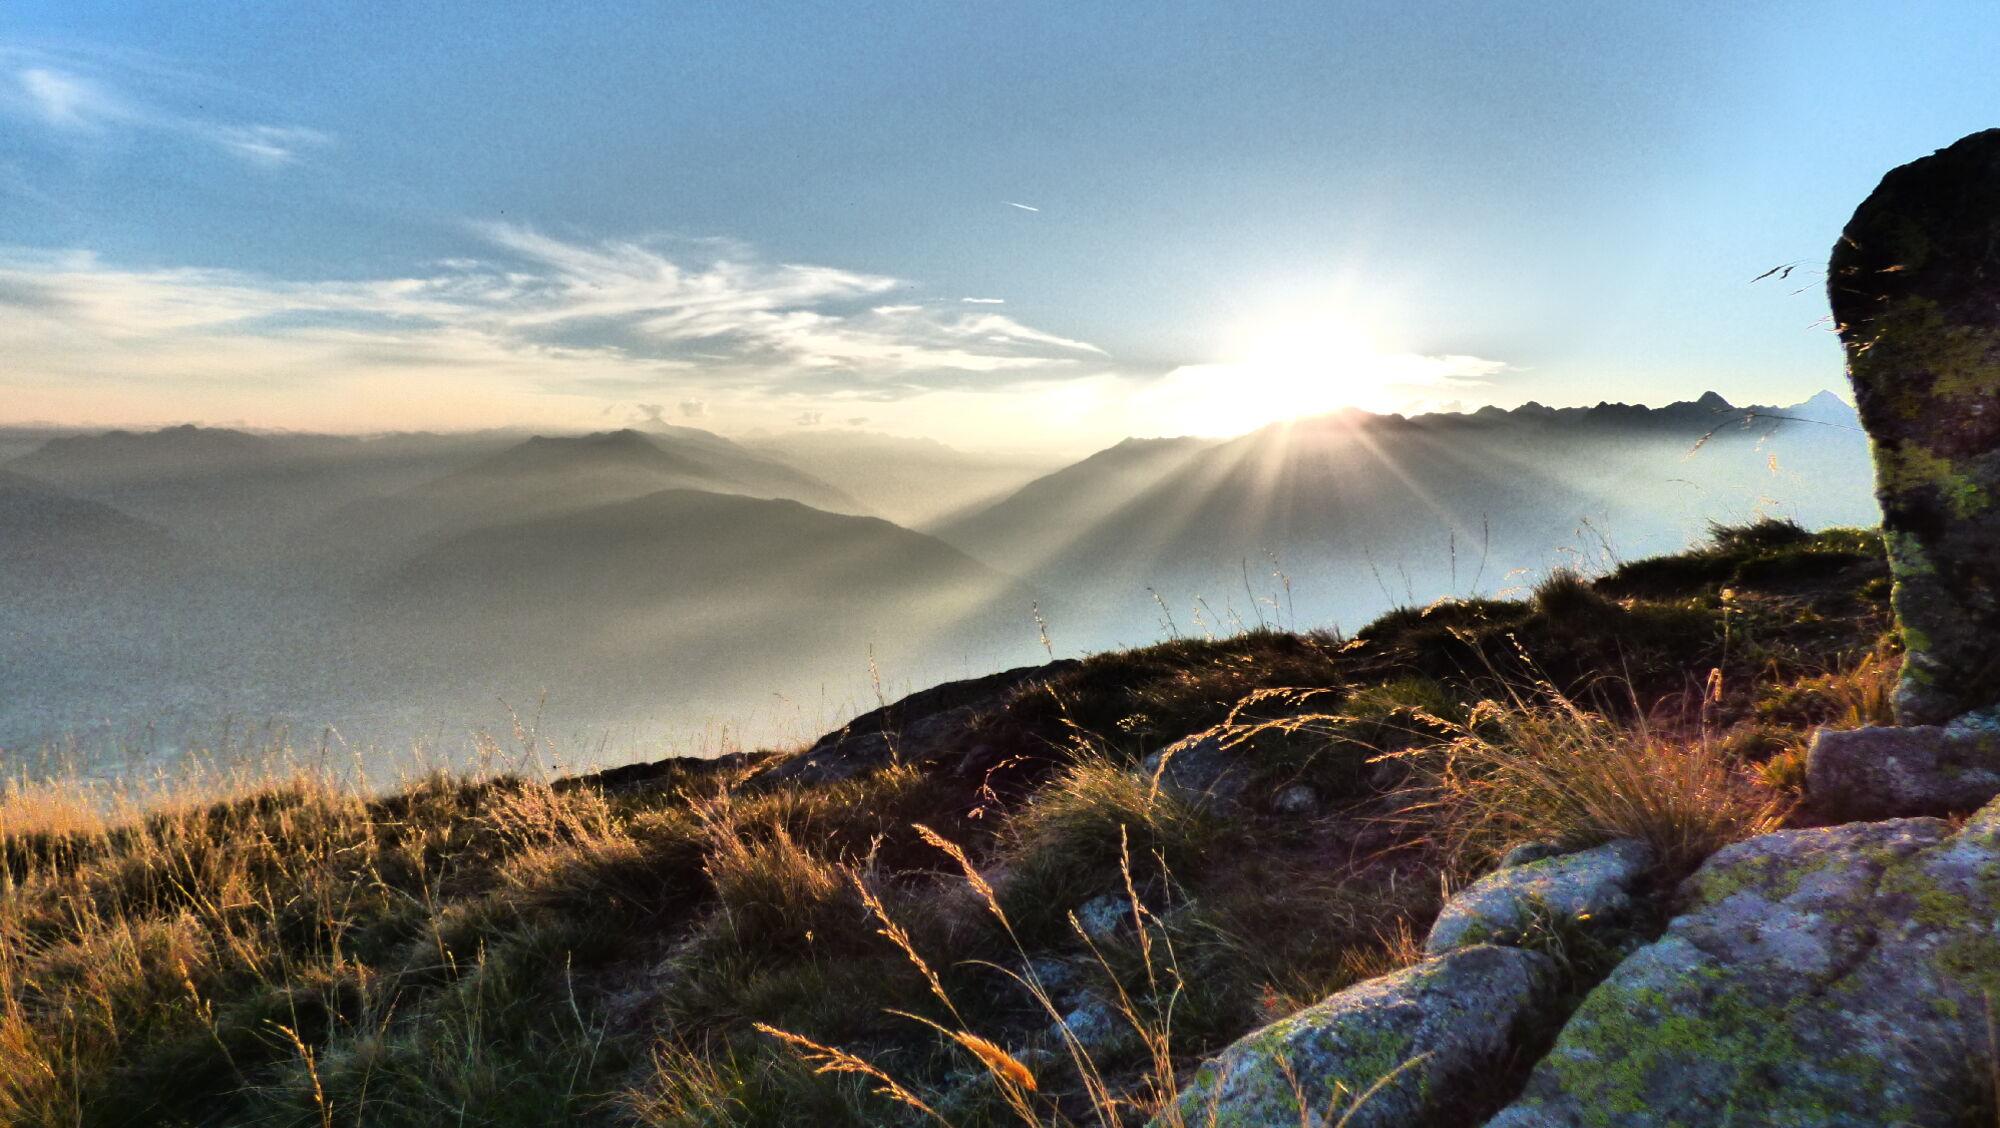 ie Lauwandspitze hoch über Schenna/Südtirol offenbart Fernsicht bis in den Vinschgau, das Ultental u